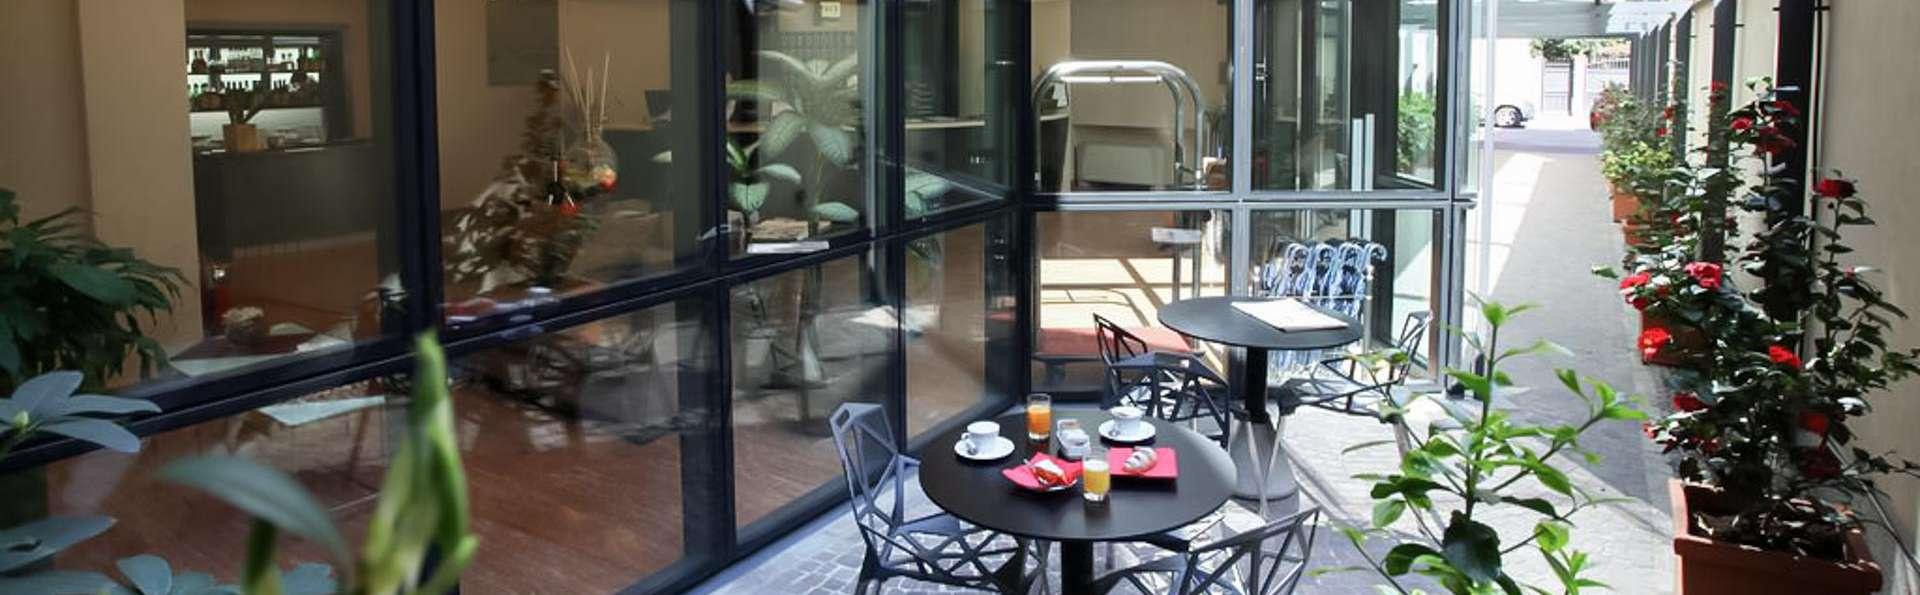 Hotel Des Etrangers  - EDIT_TERRACE_01.jpg